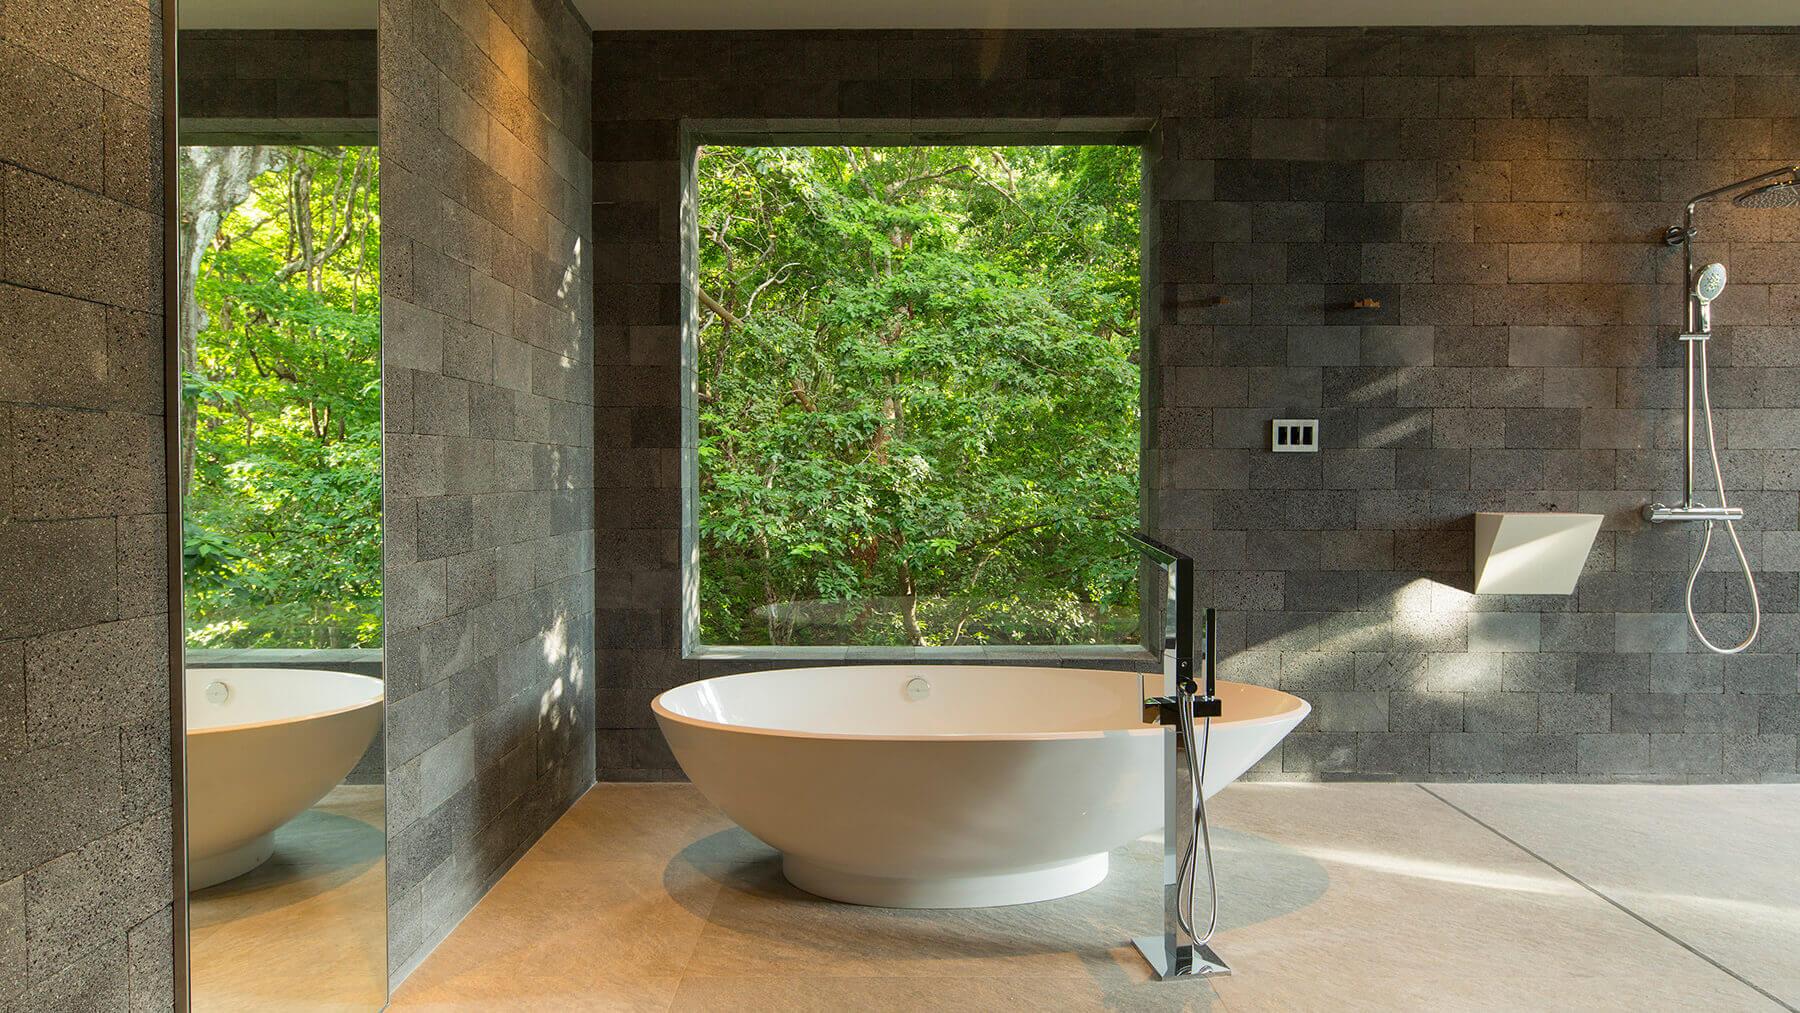 خانه مخفی مجلل با دکوراسیون زیبا در کاستاریکا